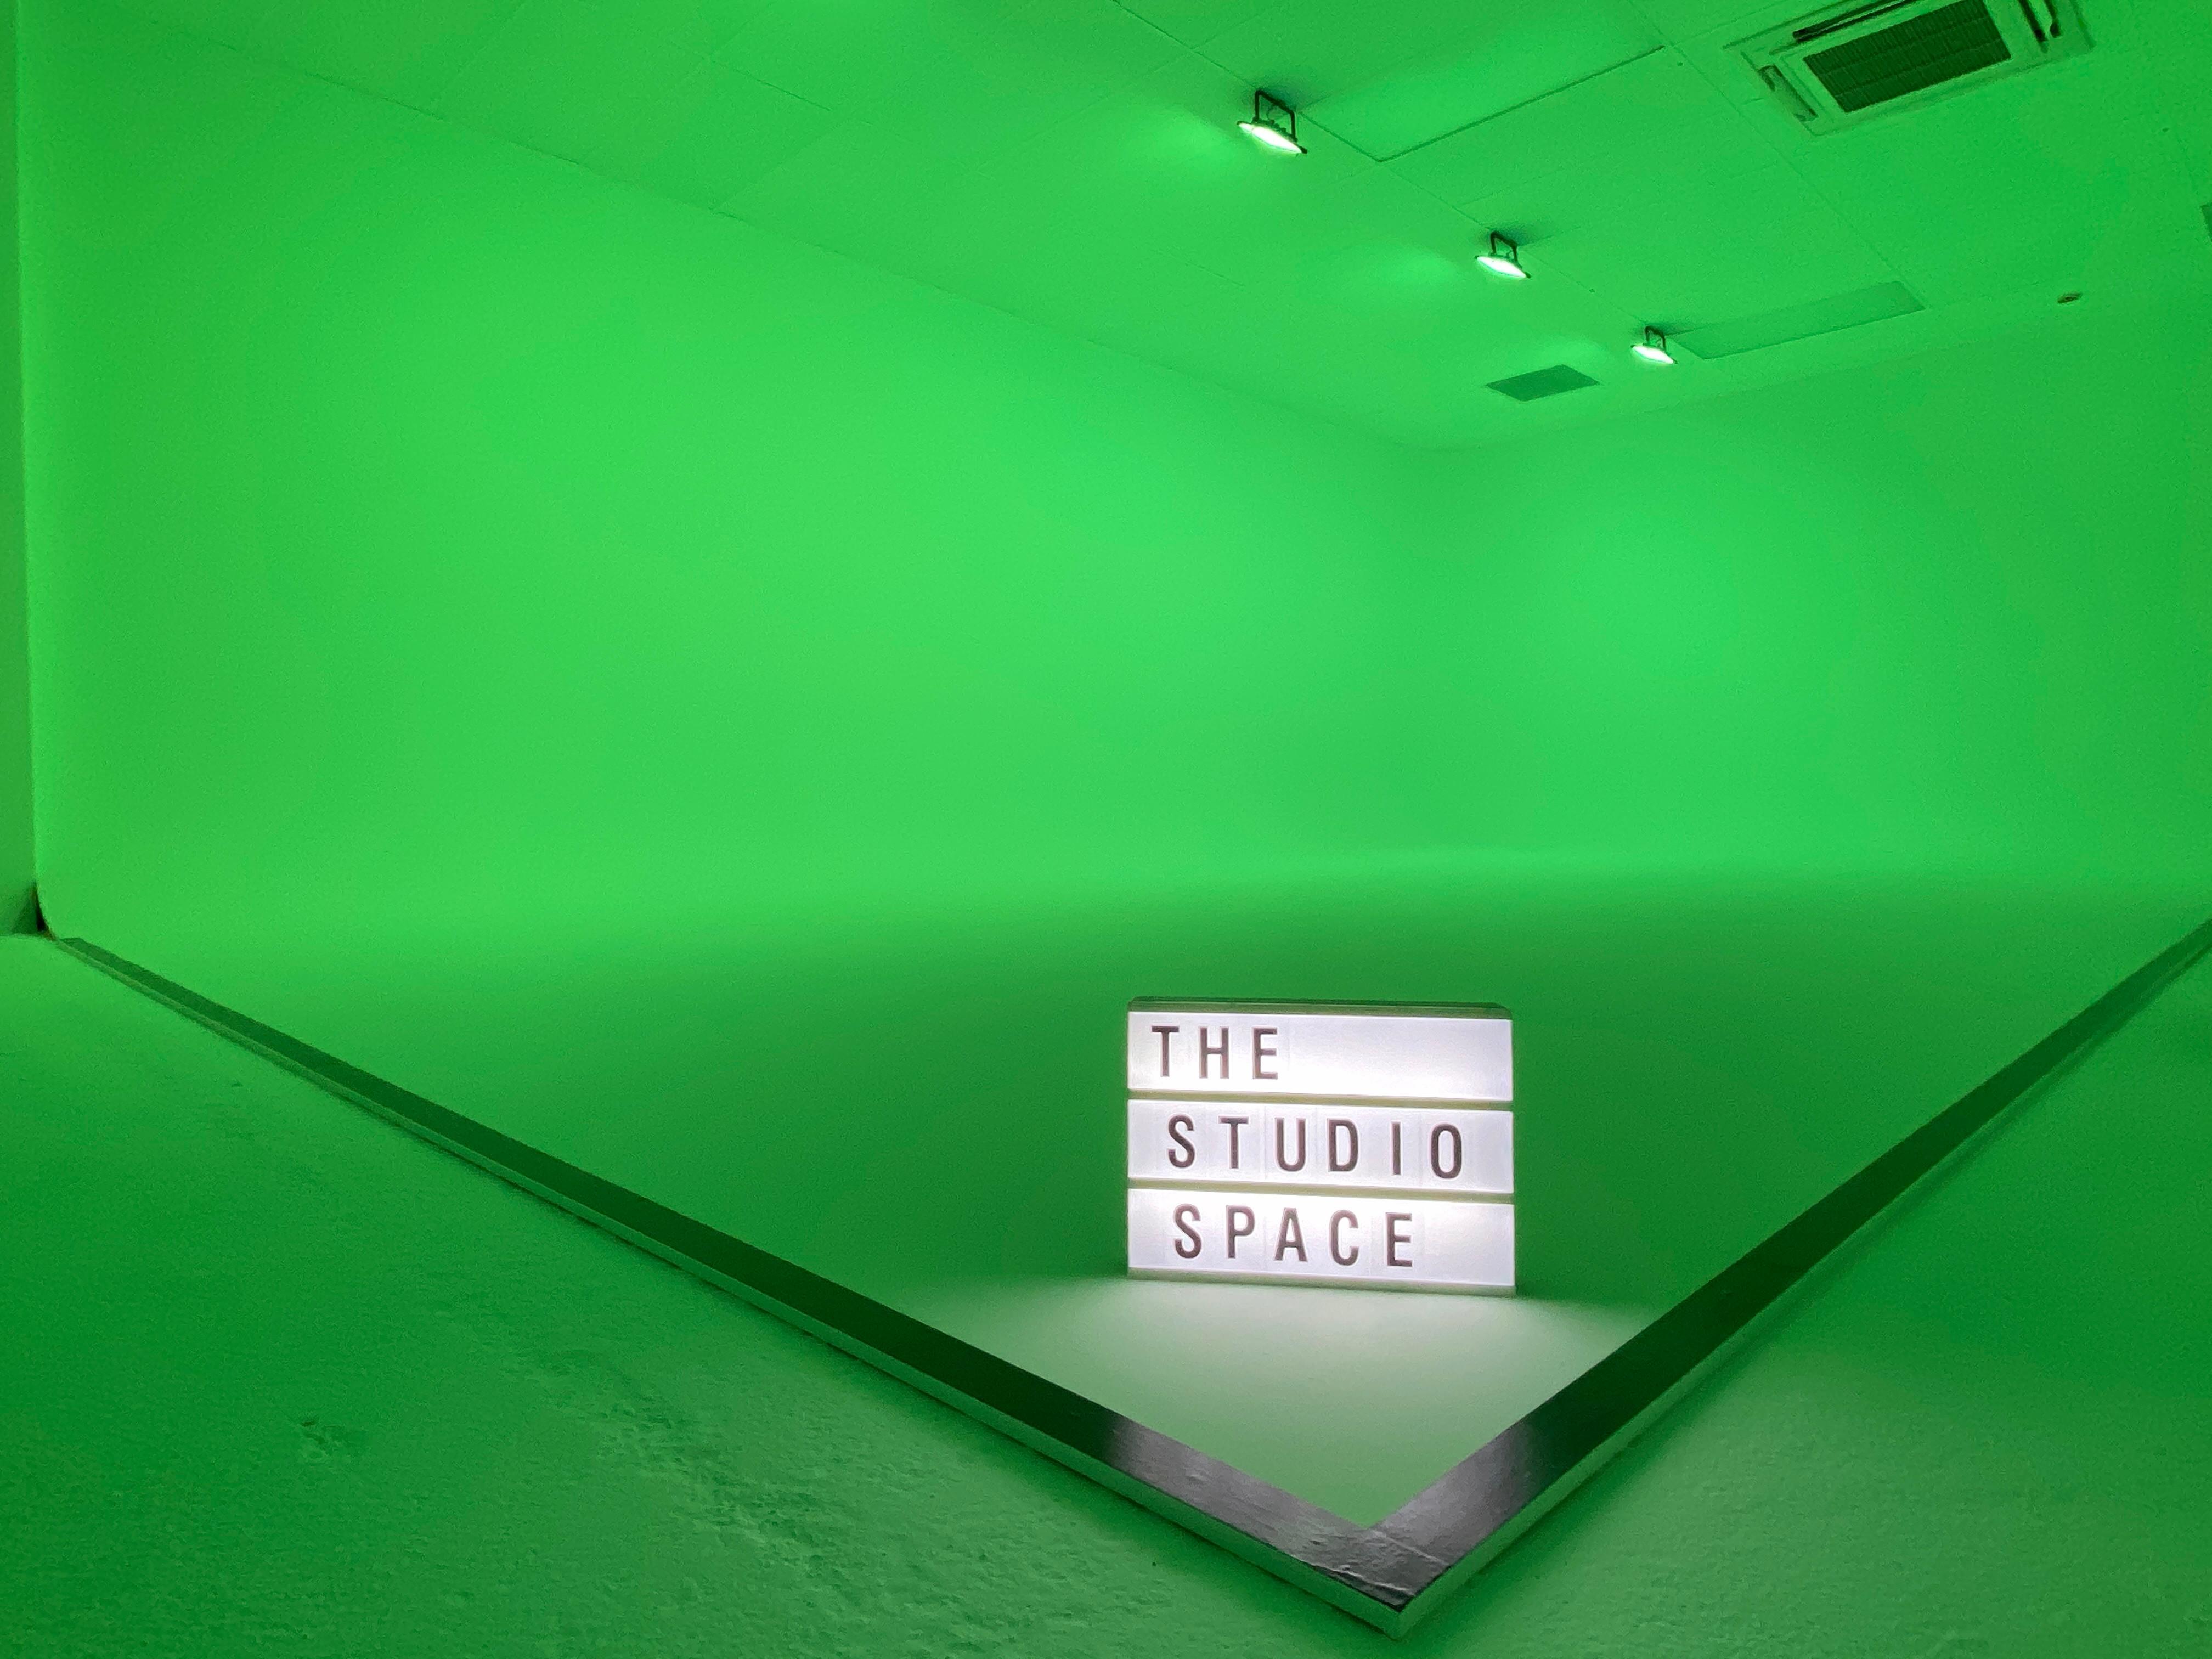 Full Studio Hire - 1hr